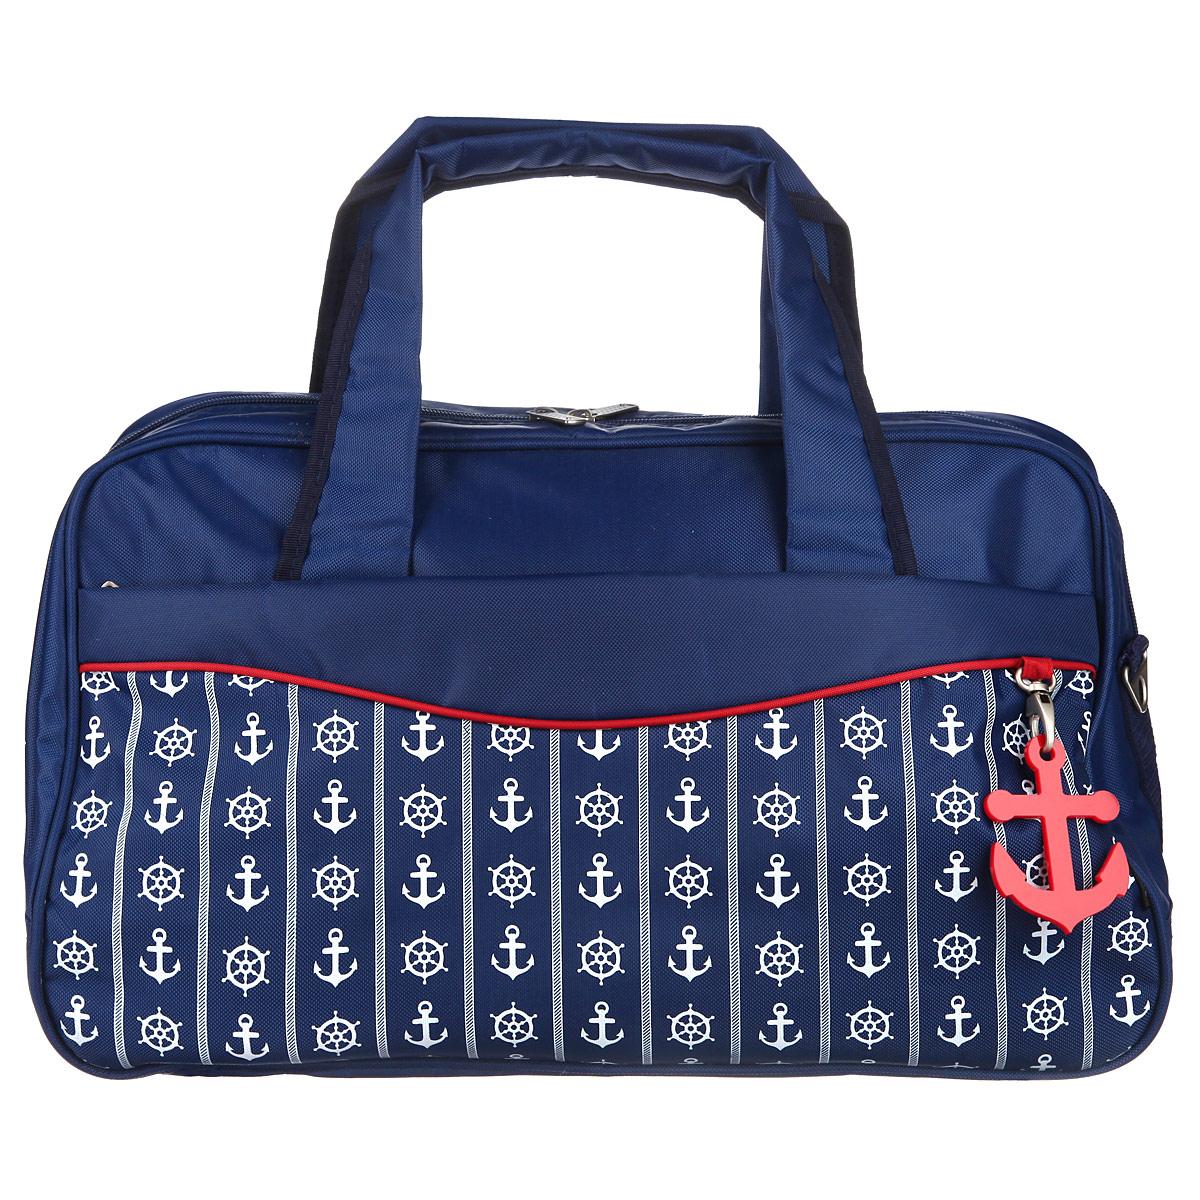 Сумка дорожная Antan Морской стиль, цвет: темно-синий. 2-4M2001531-6000Стильная дорожная сумка Antan Морской стиль выполнена из высококачественного материала и украшена декоративным элементом в виде якоря. Состоит сумка из одного большого отделения, закрывающегося на пластиковую застежку-молнию, внутри которого расположены прорезной карман на молнии и два накладных кармана, предназначенных для телефона и мелочей. С внешней стороны предусмотрены два больших прорезных кармана на застежках-молниях. Изделие оснащено двумя прочными ручками. В комплект входит съемный наплечный ремень, длина которого регулируется пряжкой. Дно изделия уплотнено и дополнено пятью пластиковыми ножками, обеспечивающими дополнительную устойчивость и защиту от загрязнений. Оформлена сумка оригинальным принтом на морскую тематику.Такая сумка идеально подойдет для дальних поездок, в нее можно положить все необходимое.